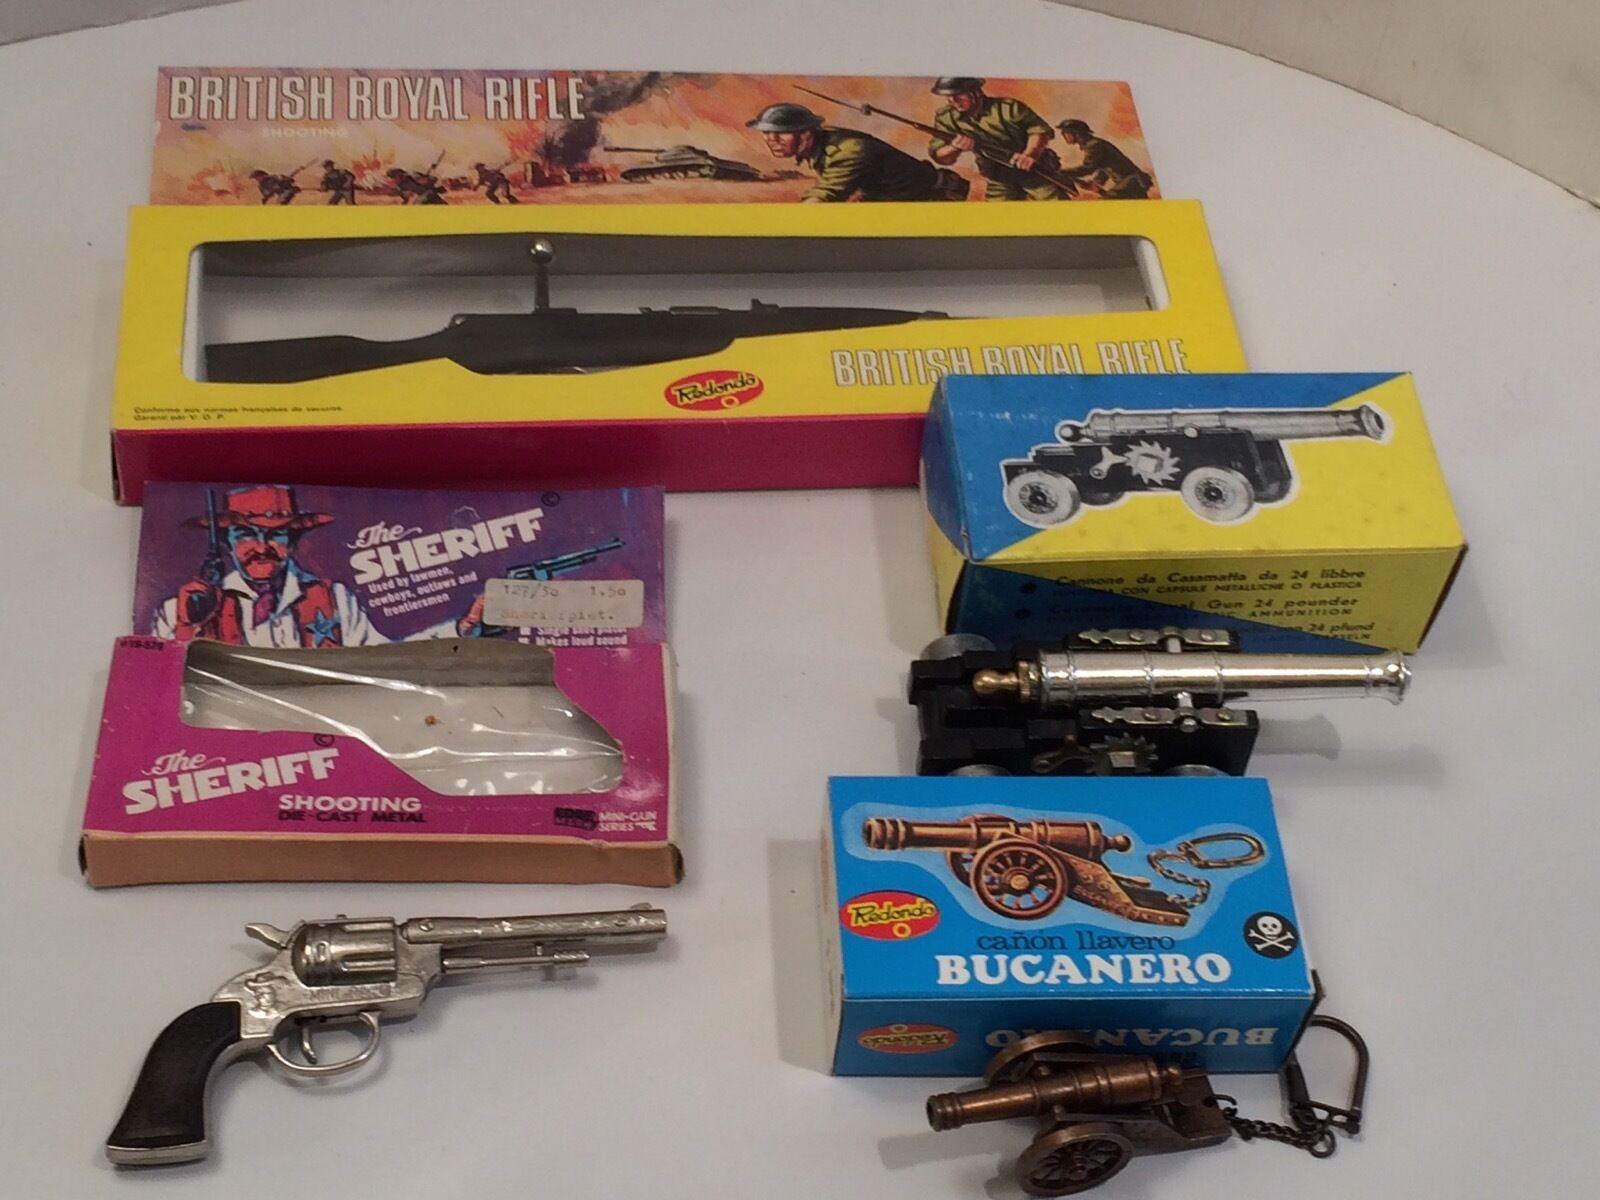 SPIELZEUG MODELL FESTUNGSKANONE CANON ILAVERO BUCAschwarz BRITISH ROYAL RIFLE GUN